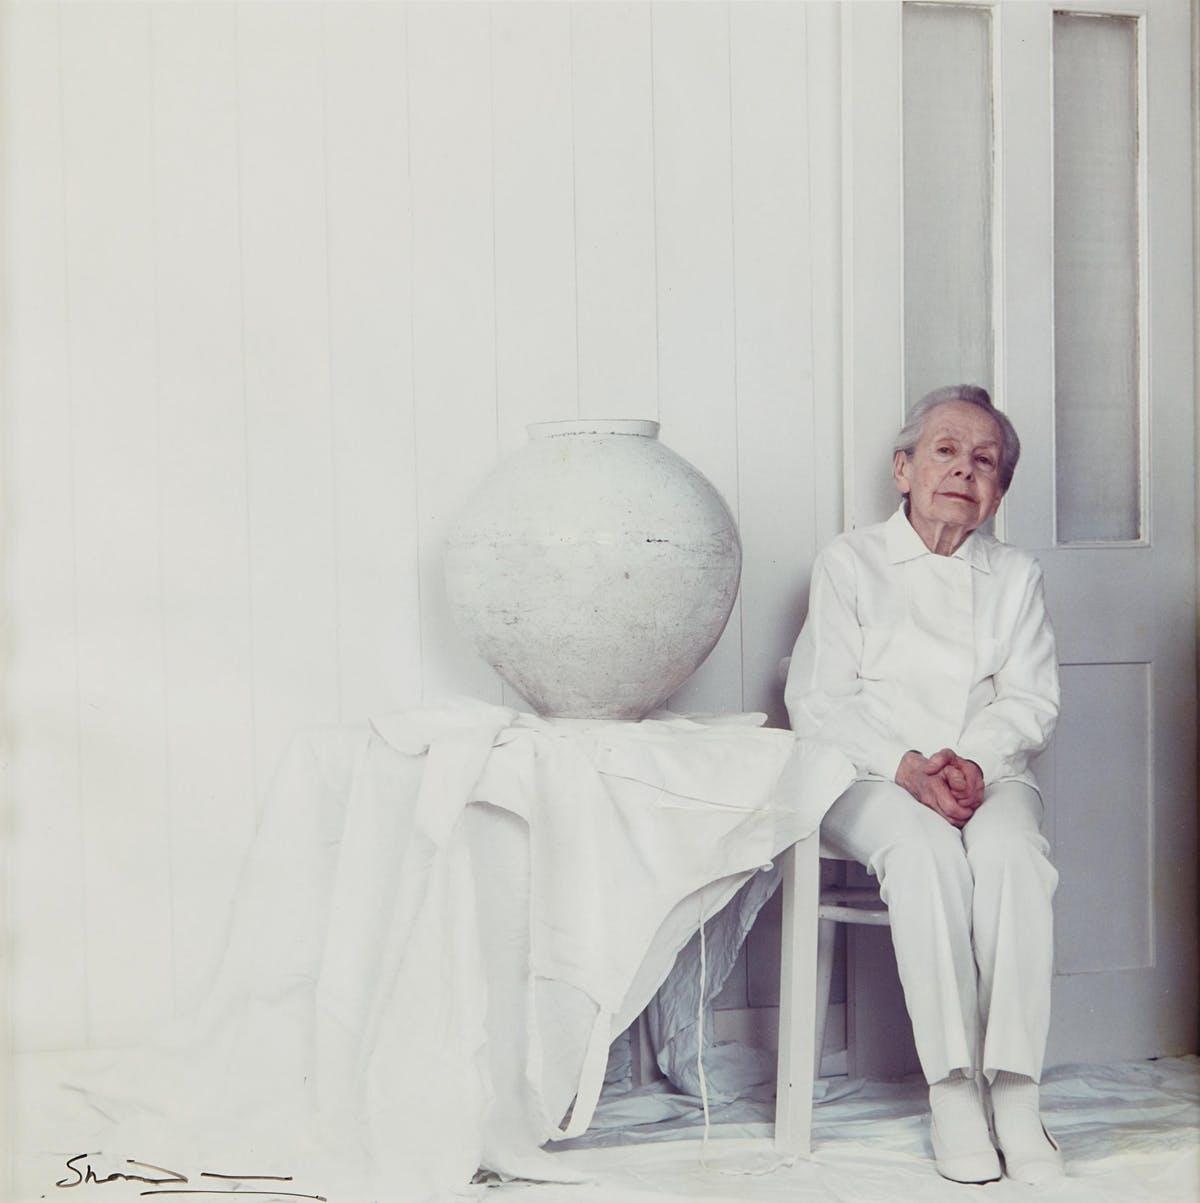 ANTONY ARMSTRONG JONES. Fotografía de Lucie Rie sentada junto a una vasija coreana (c. 1990). Imagen vía: Phillips